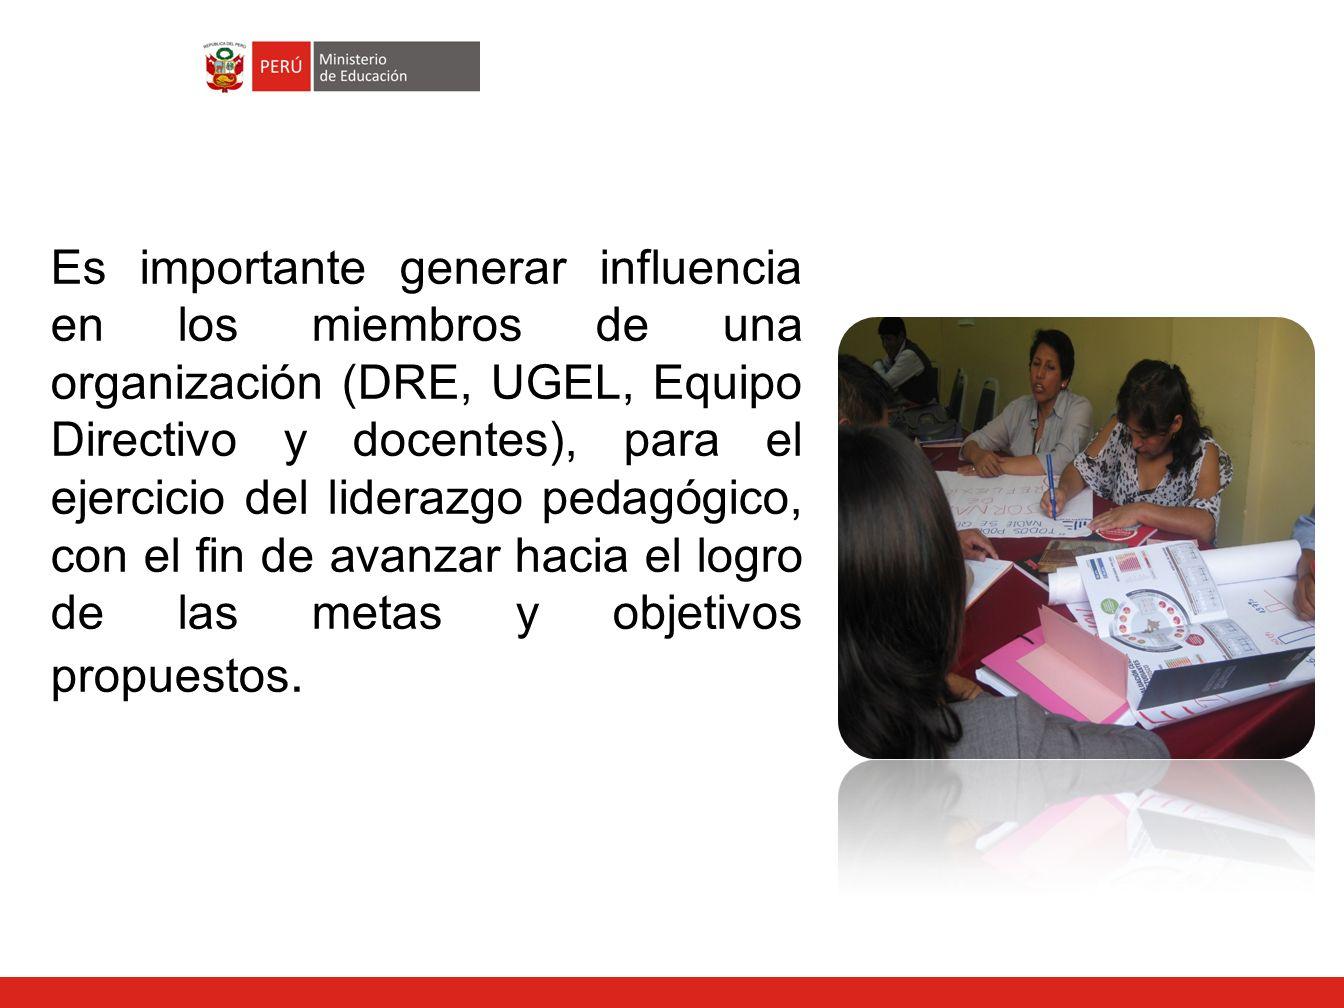 Es importante generar influencia en los miembros de una organización (DRE, UGEL, Equipo Directivo y docentes), para el ejercicio del liderazgo pedagógico, con el fin de avanzar hacia el logro de las metas y objetivos propuestos.